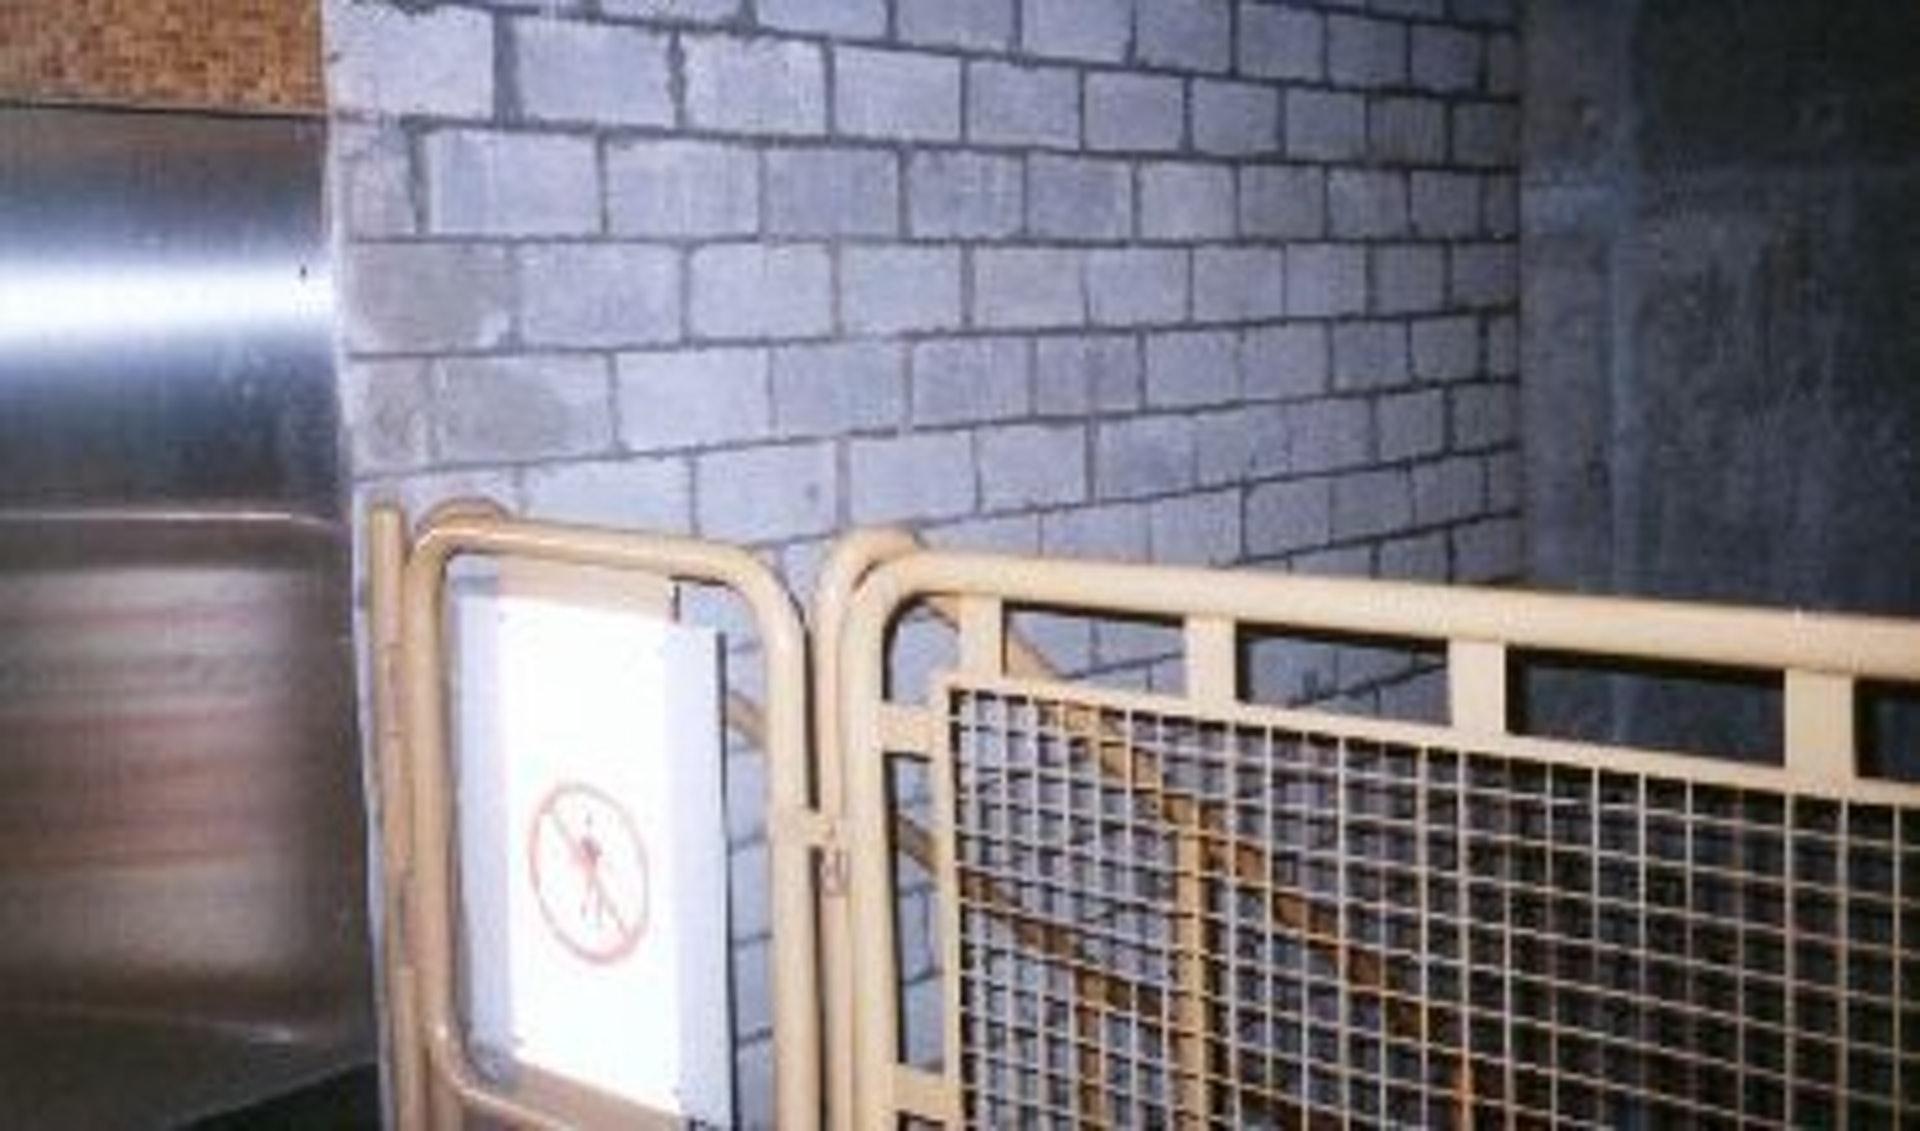 林士站隧道盡頭用石磚封閉。(香港鐵路工程中心網站圖片)